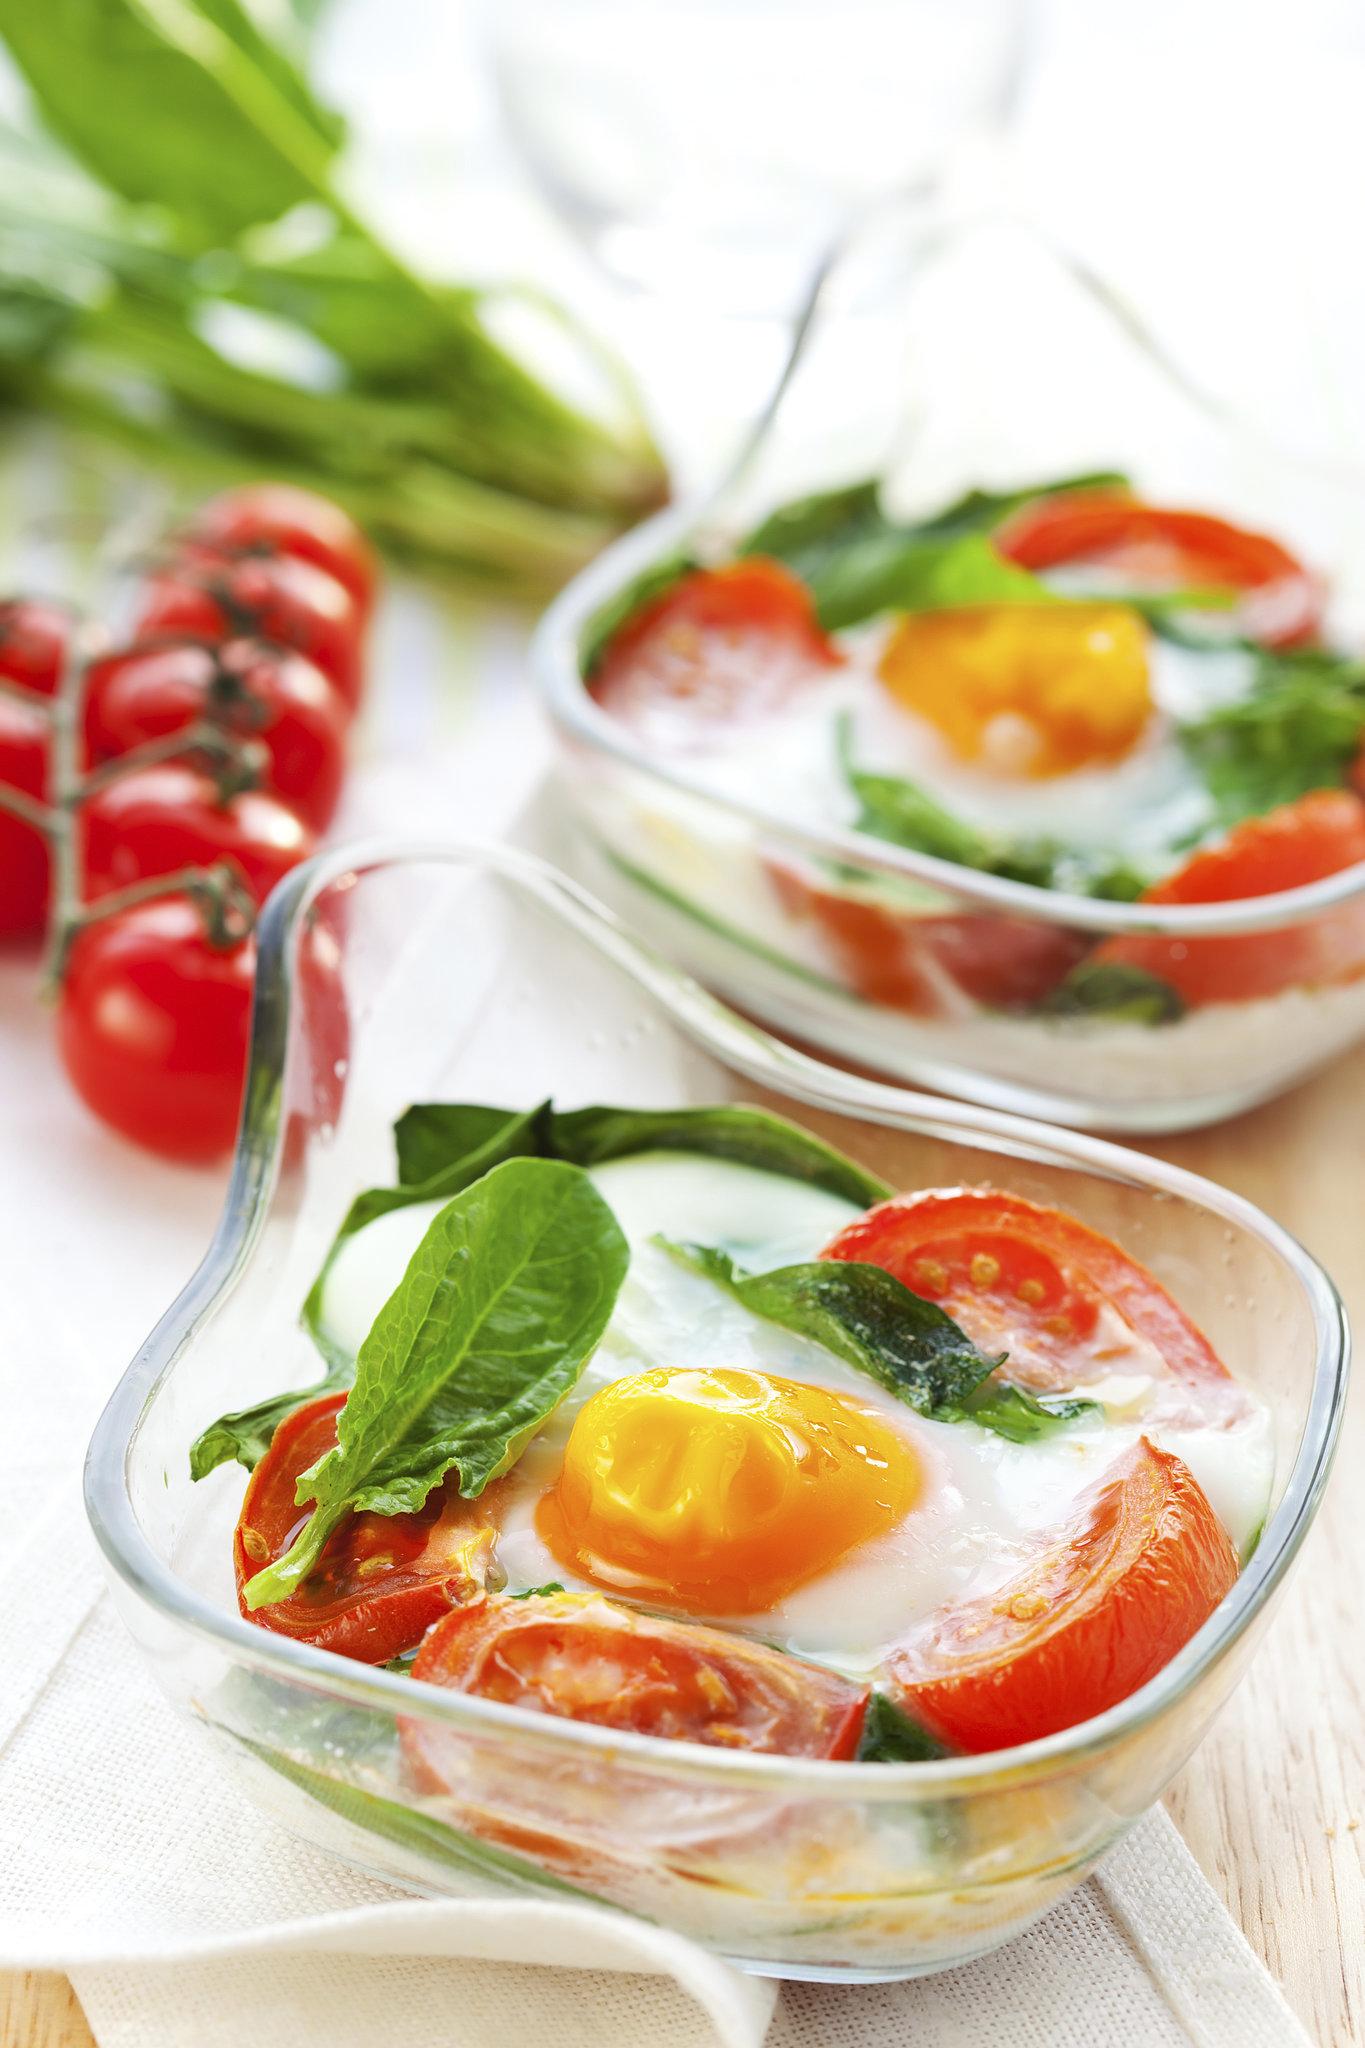 7_italian_baked_egg_vegetables